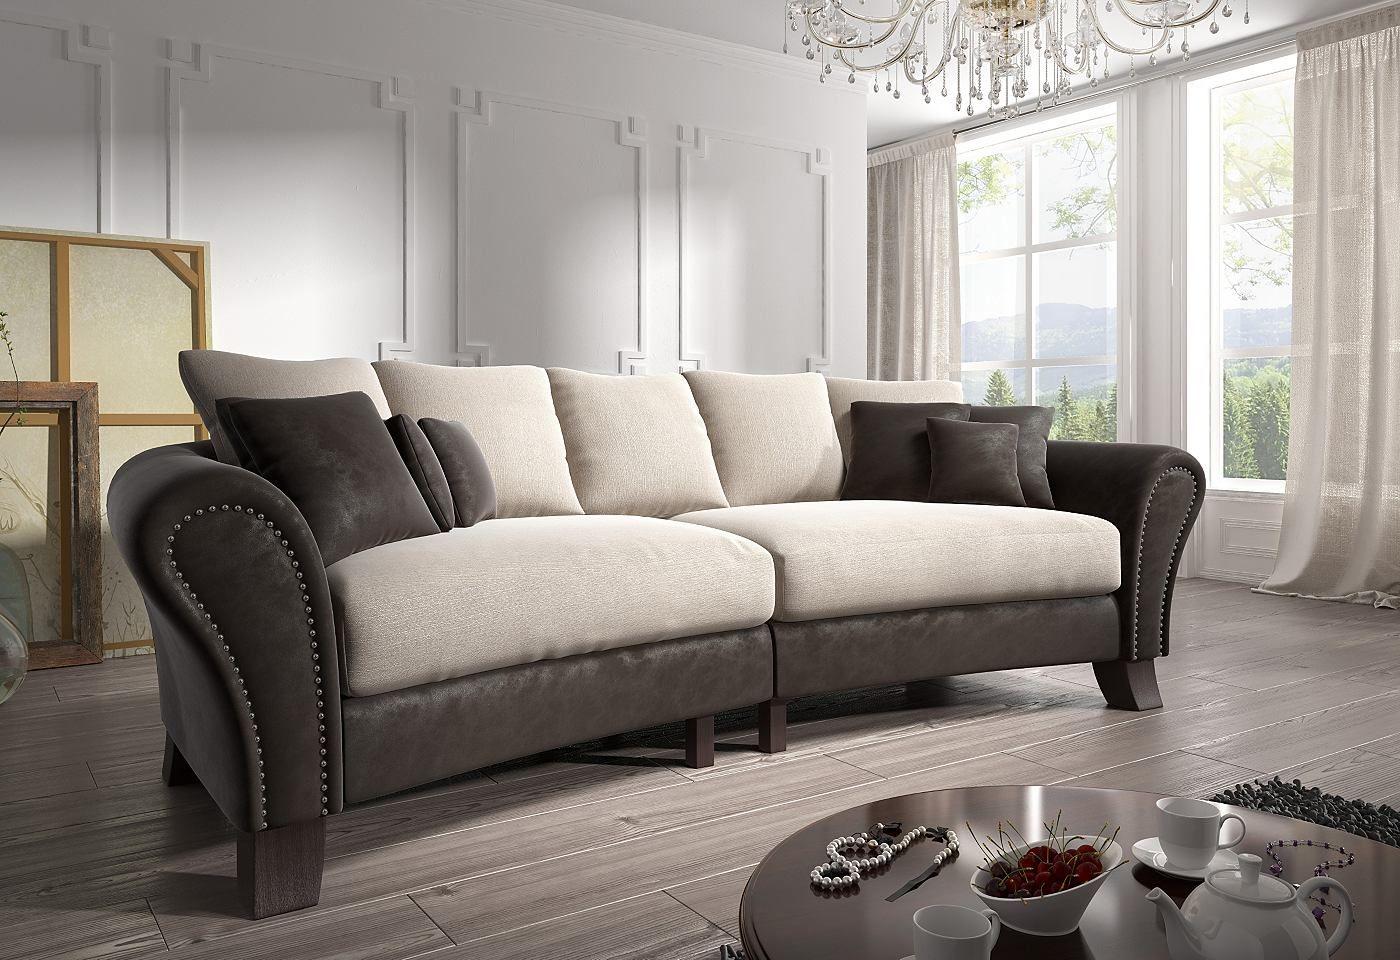 Home interior design farbkombinationen home affaire bigsessel celia strukturchenille  couch